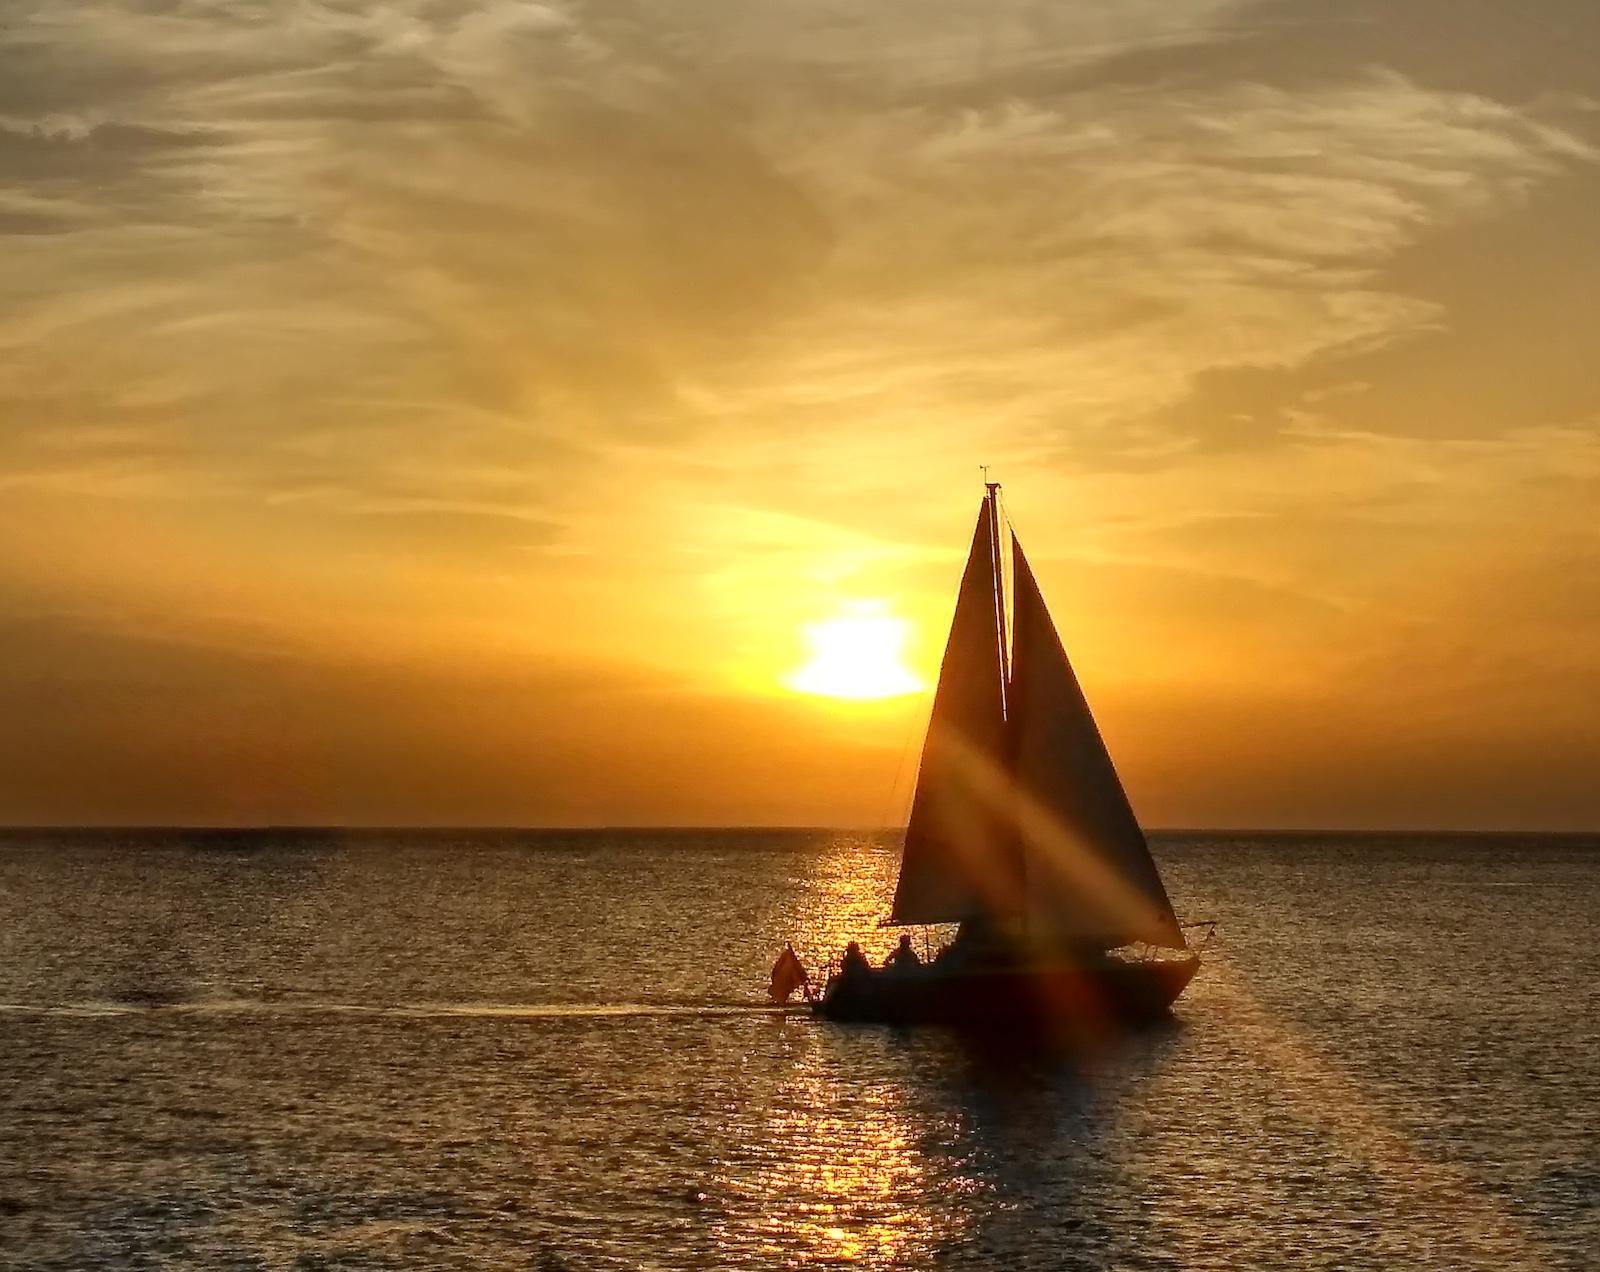 Bo på båden: lev livet lidt mere som et eventyr